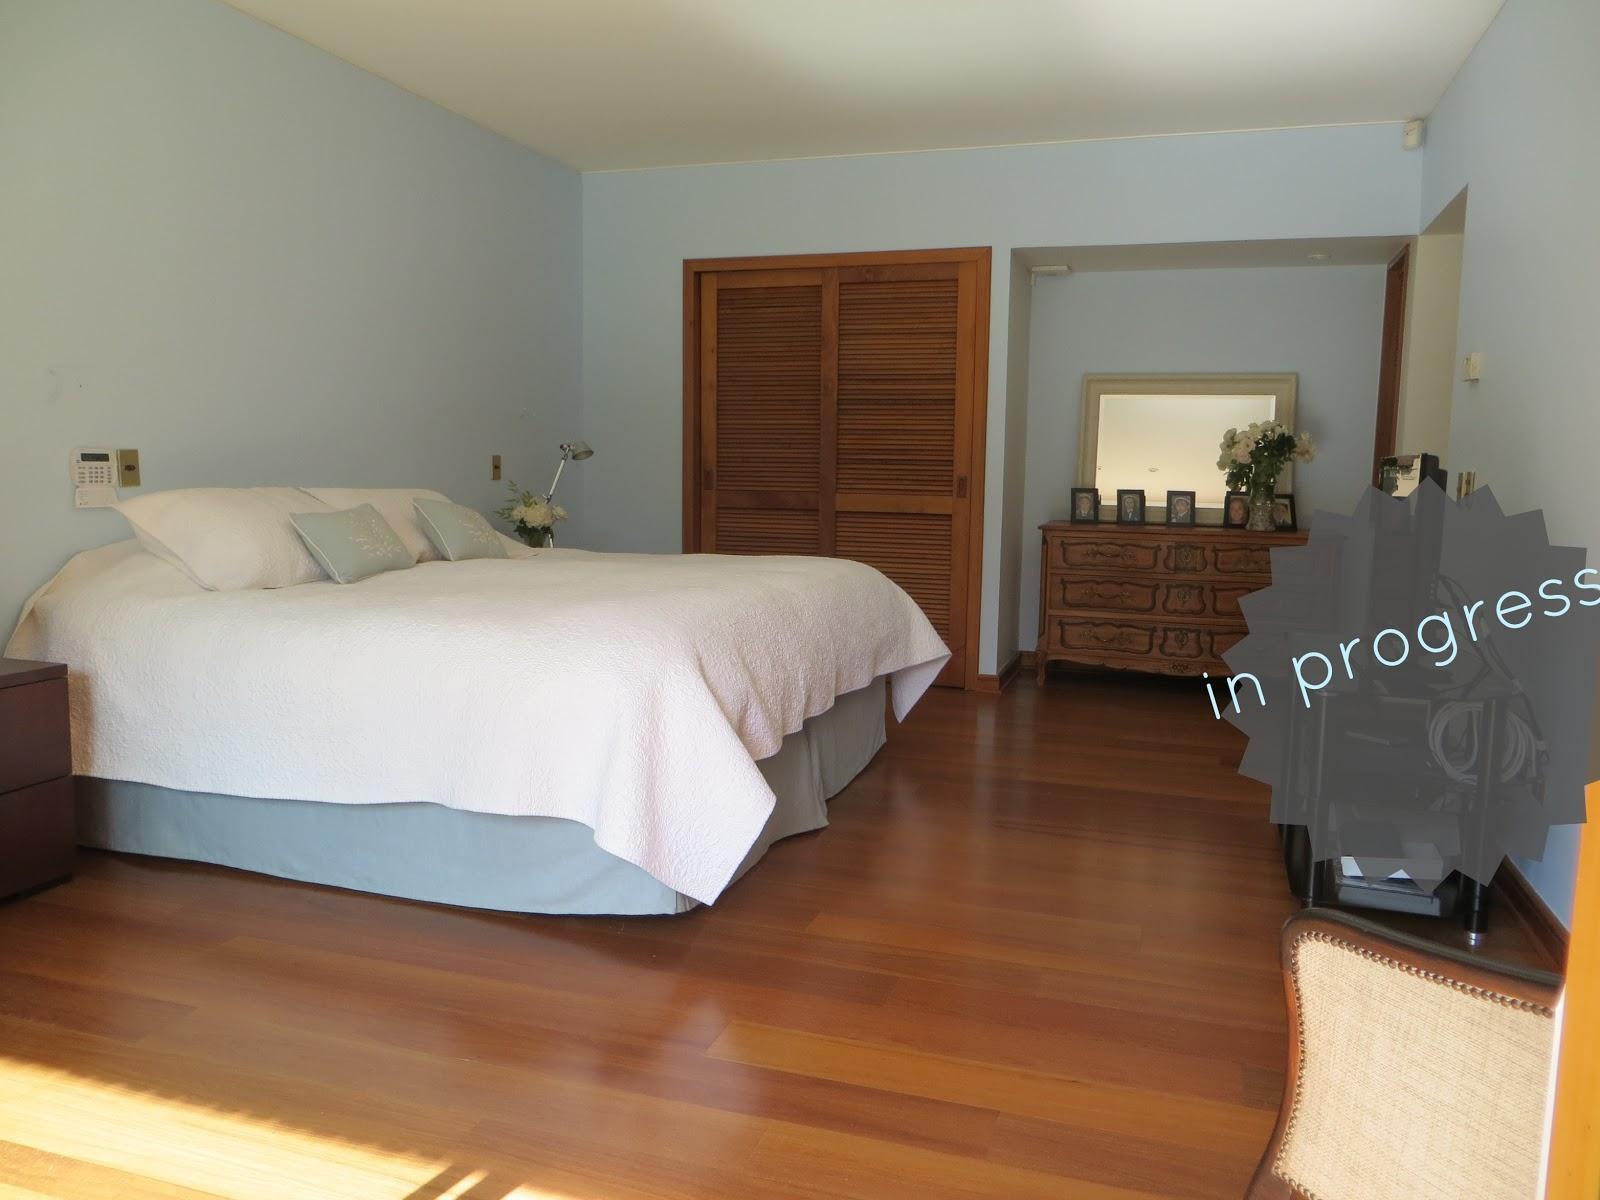 Decora y adora cambio de color dormitorio matrimonial - Pintar habitacion colores ...